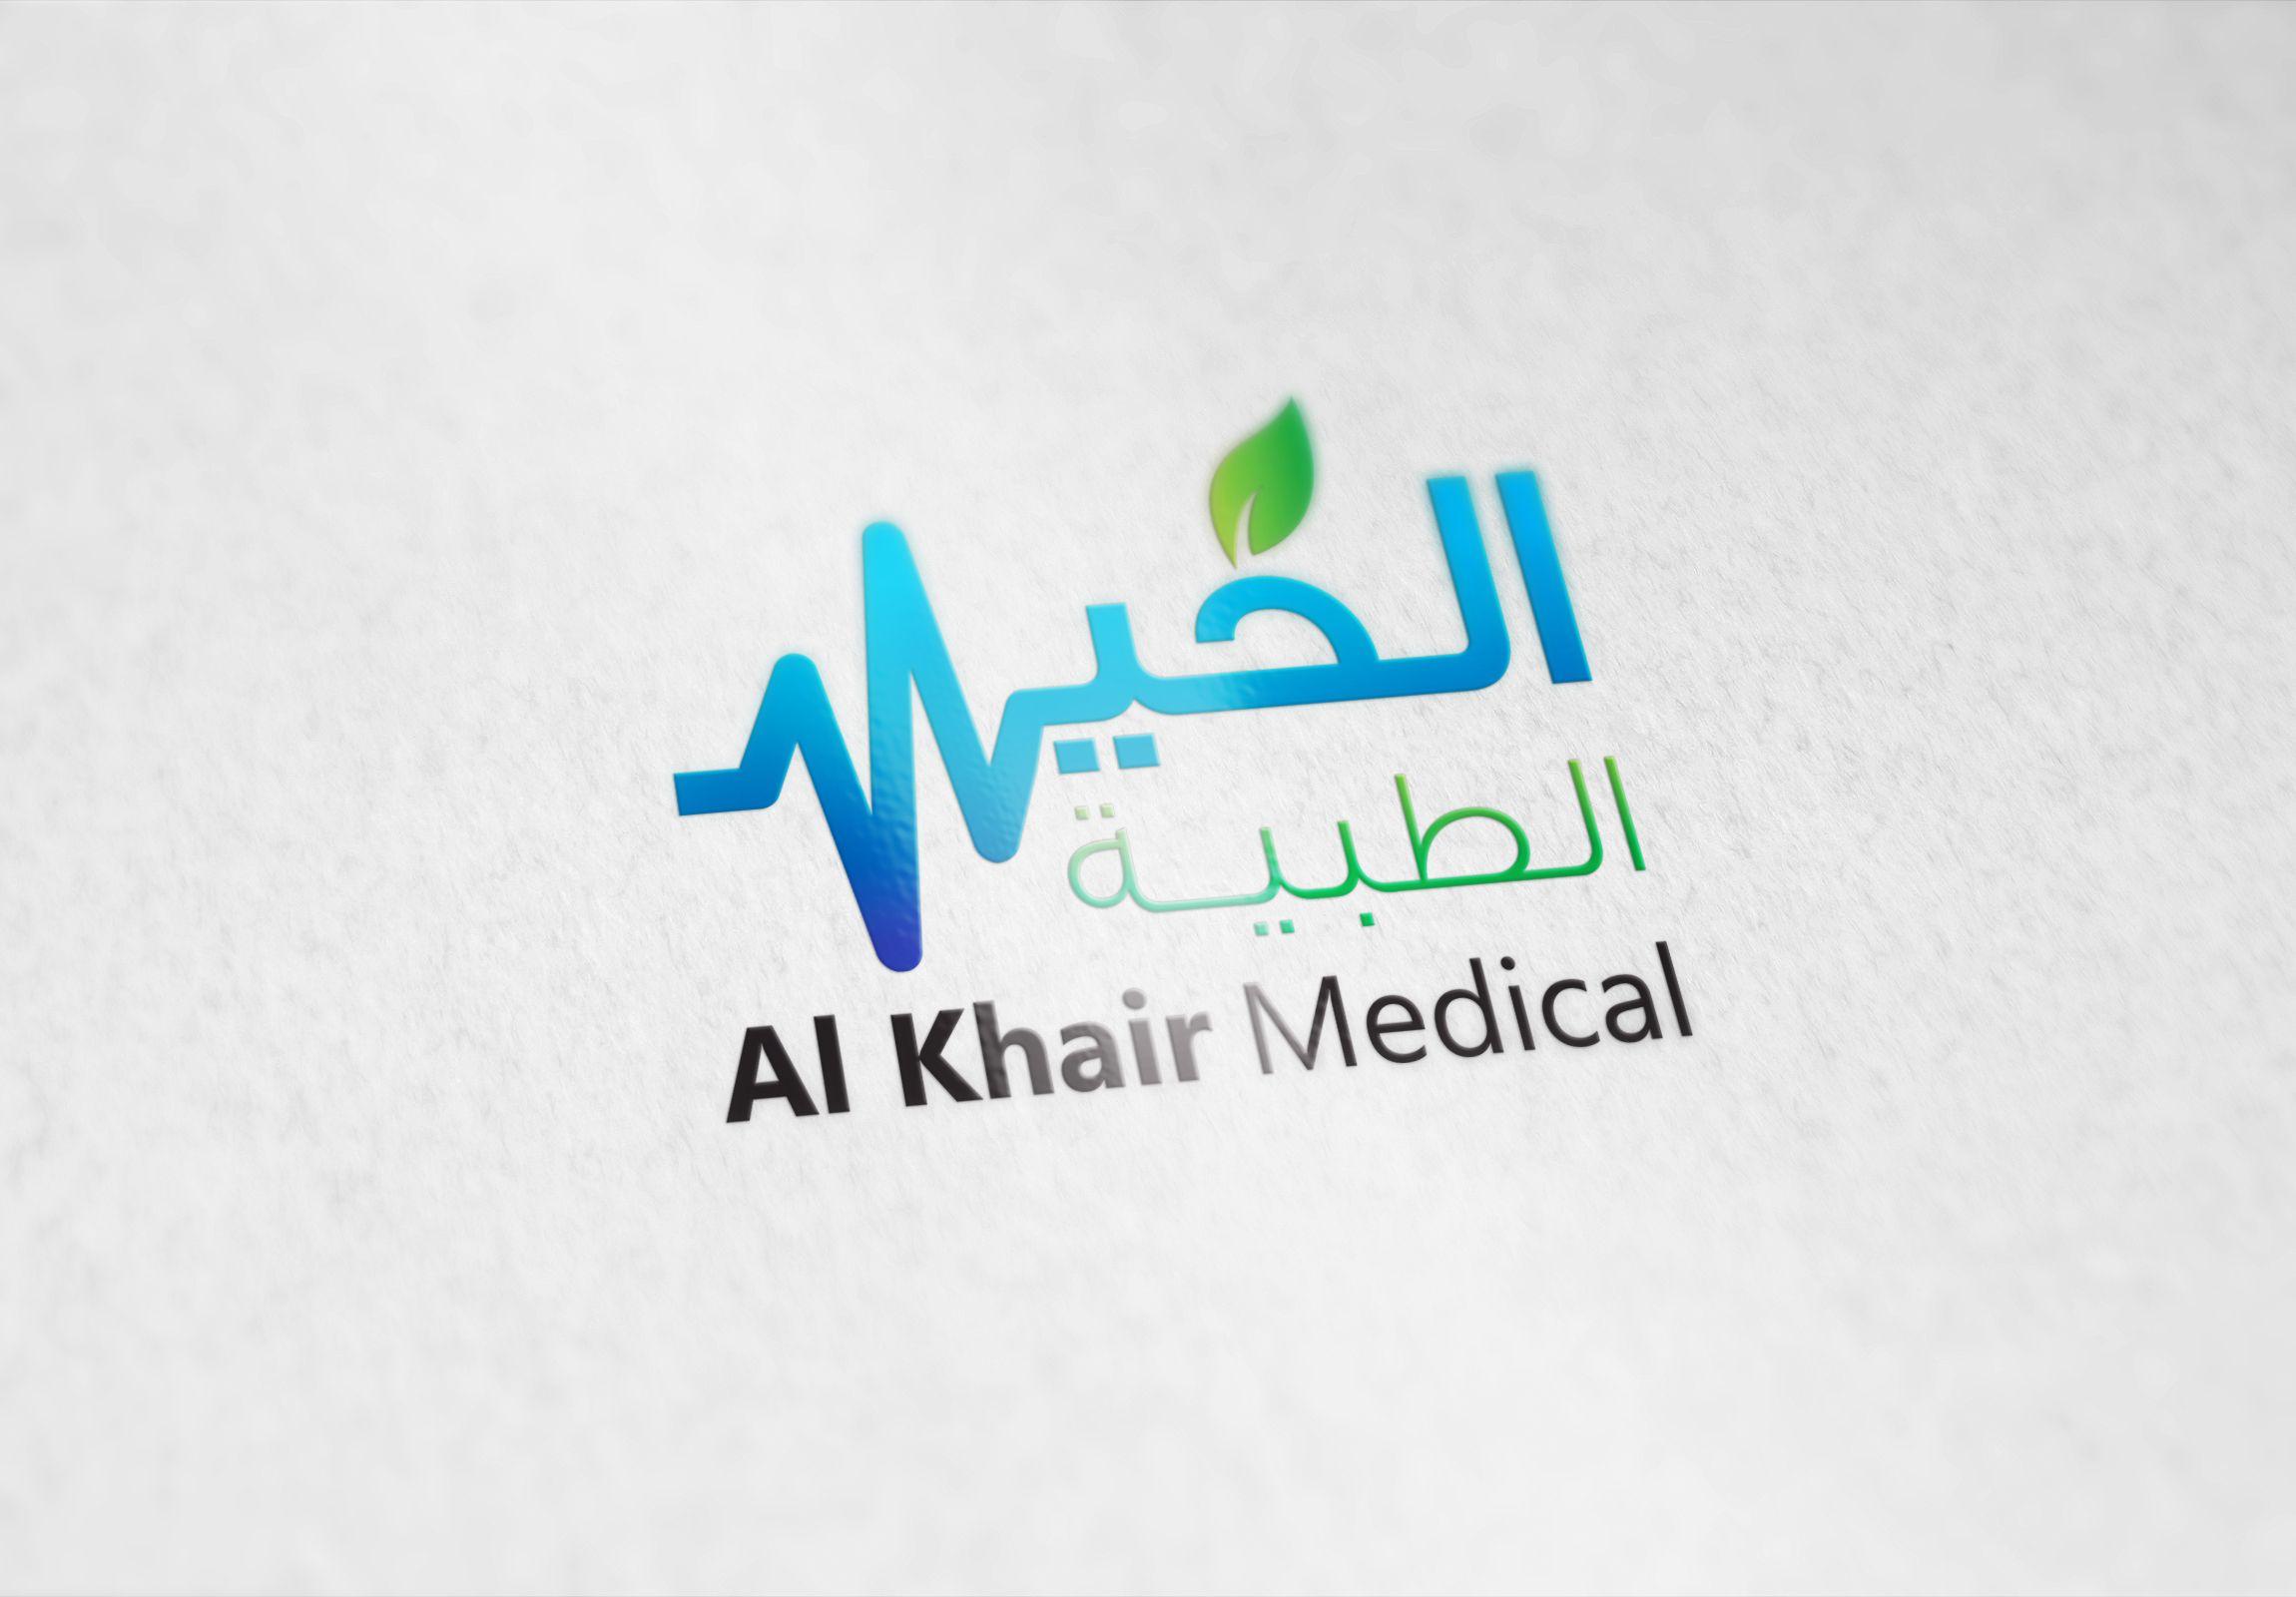 نماذج أعمالنا جرافيك تصميم مواقع الكترونية فيديوهات تسويقية Arabic Calligraphy Calligraphy Medical